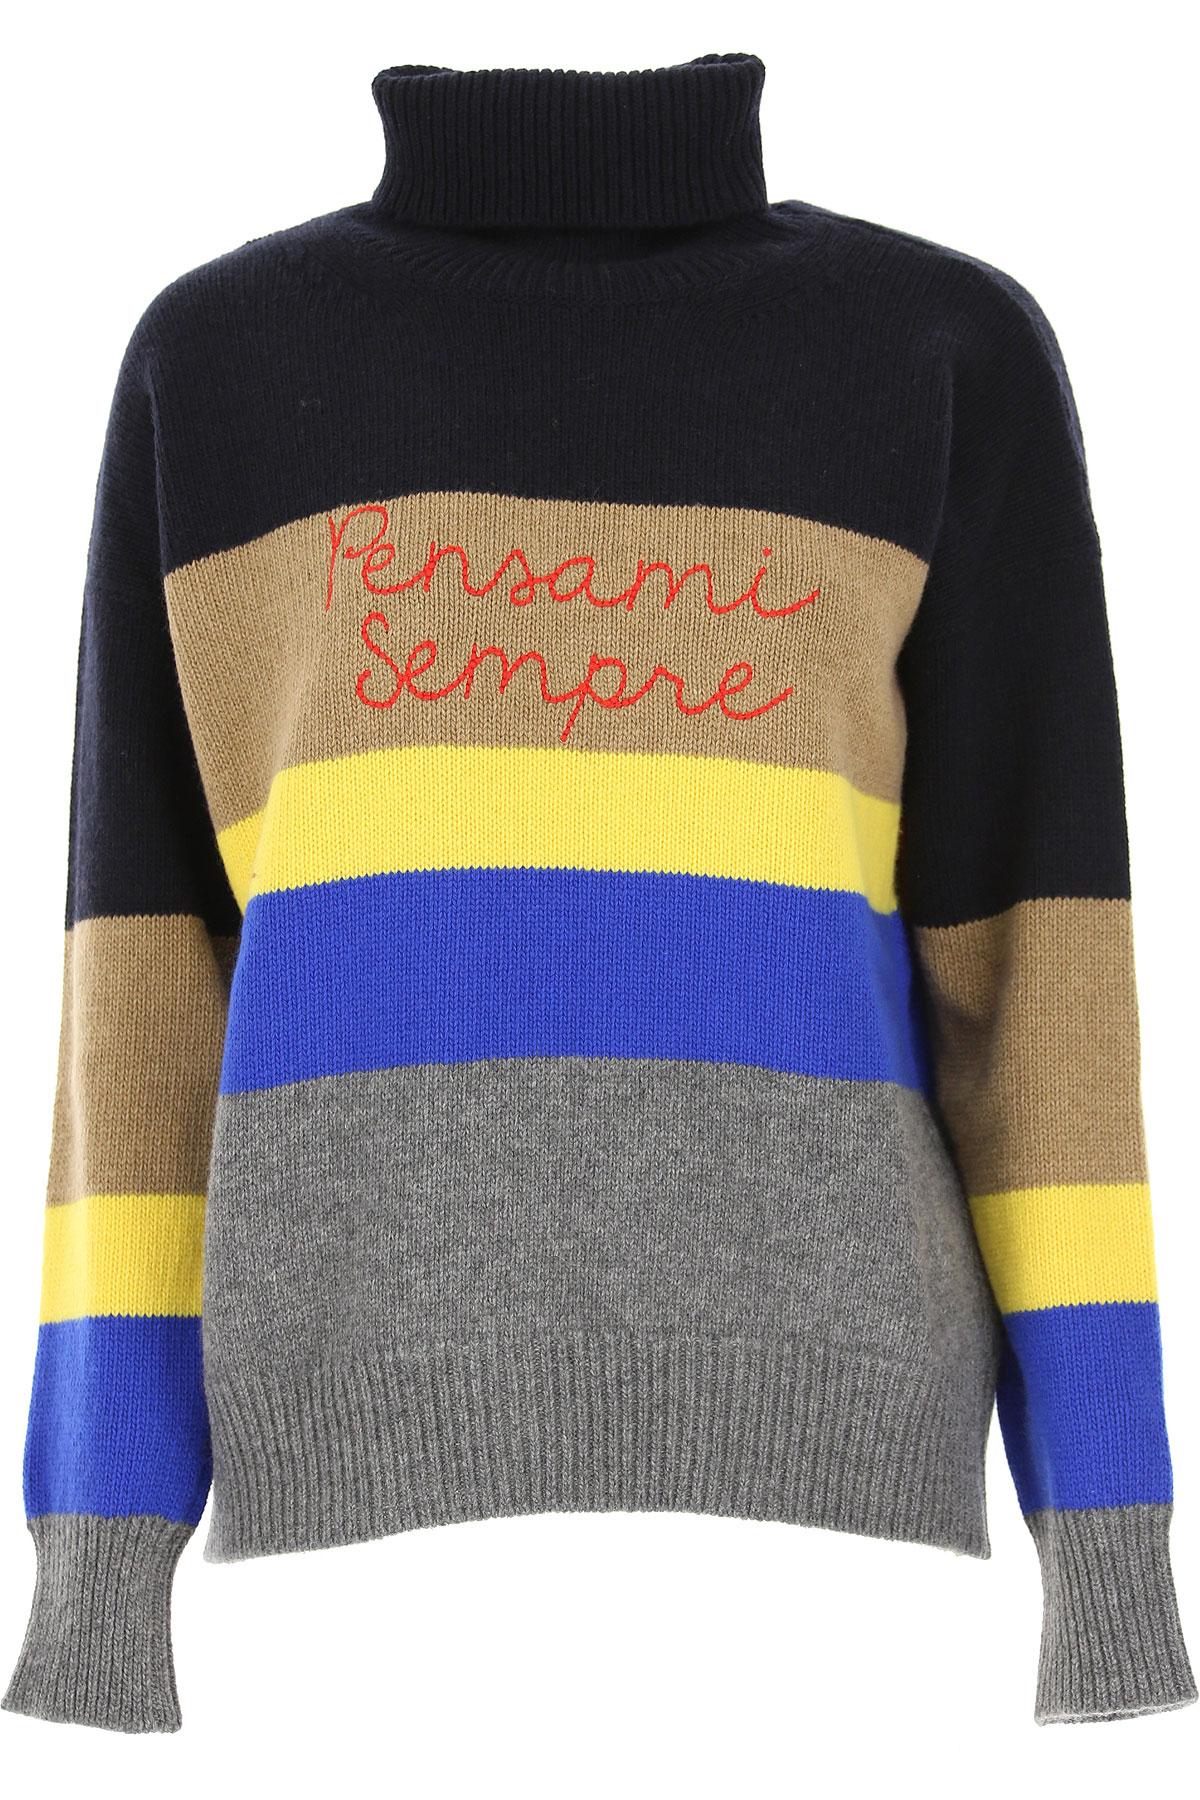 Giada Benincasa Sweater for Women Jumper On Sale, Navy Blue, Wool, 2019, 2 6